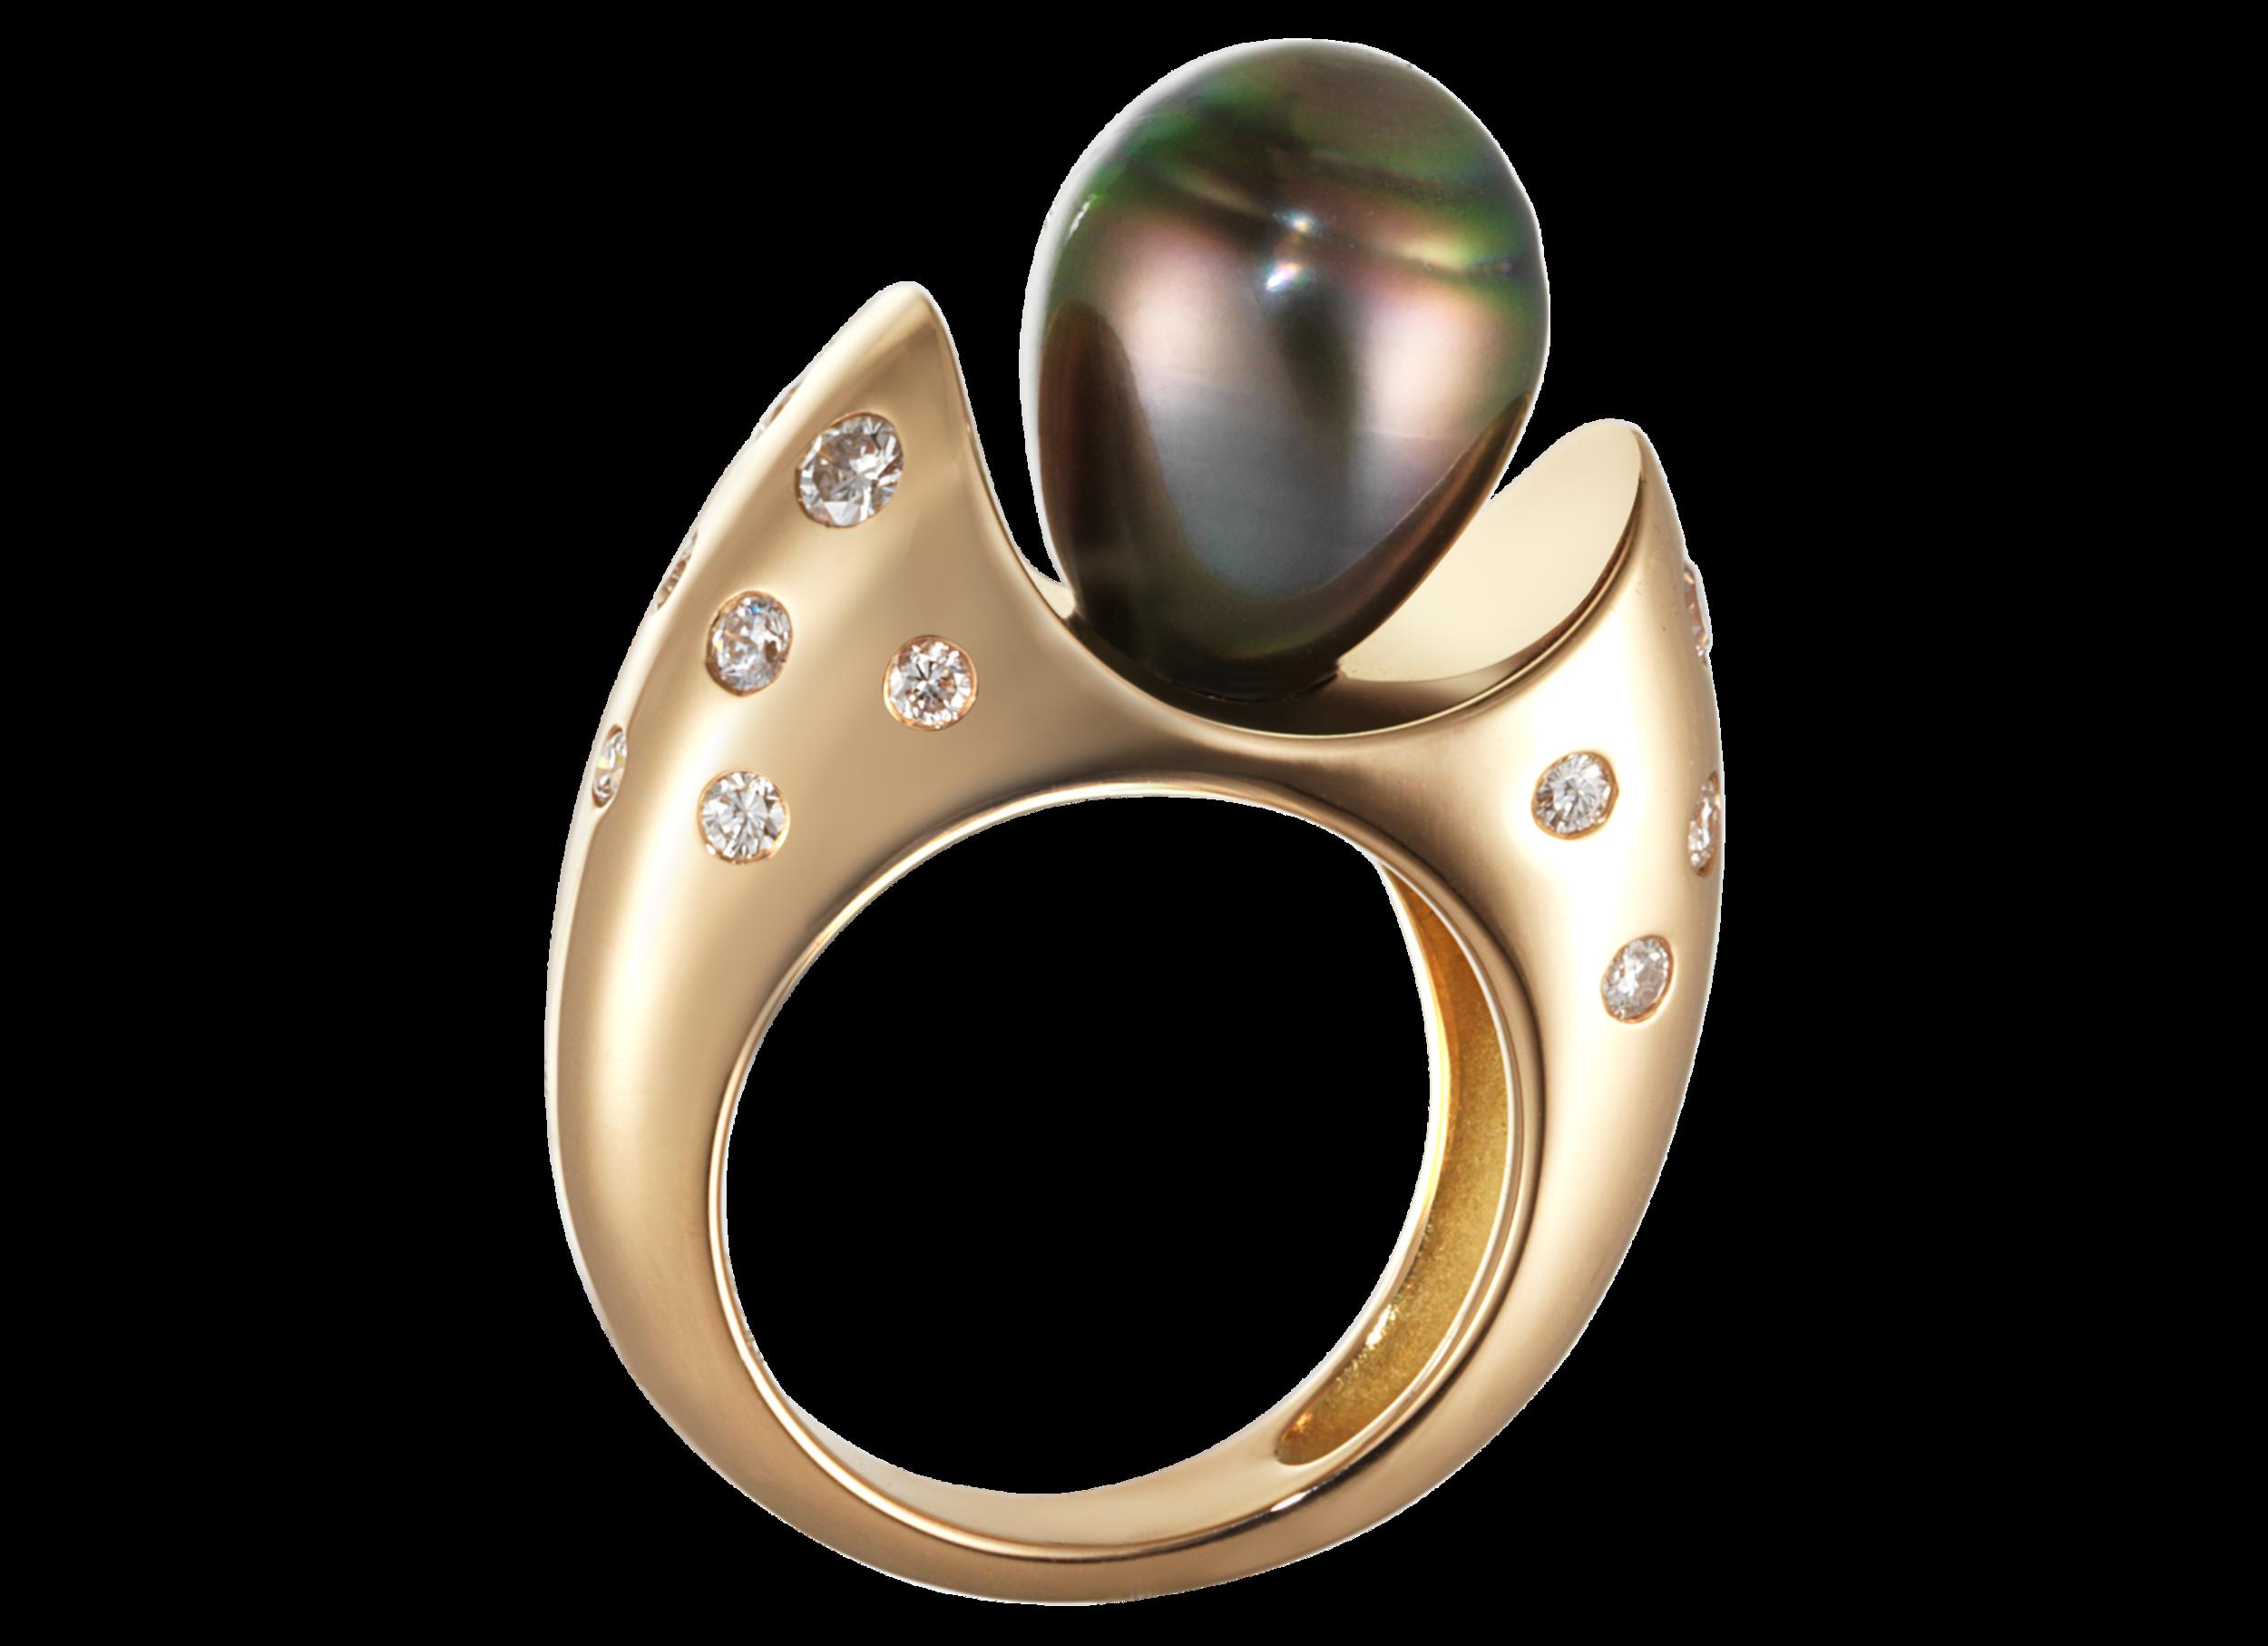 Bague Hémisphère or rouge perle de Tahiti et pavage diamants 0,67 carat.png